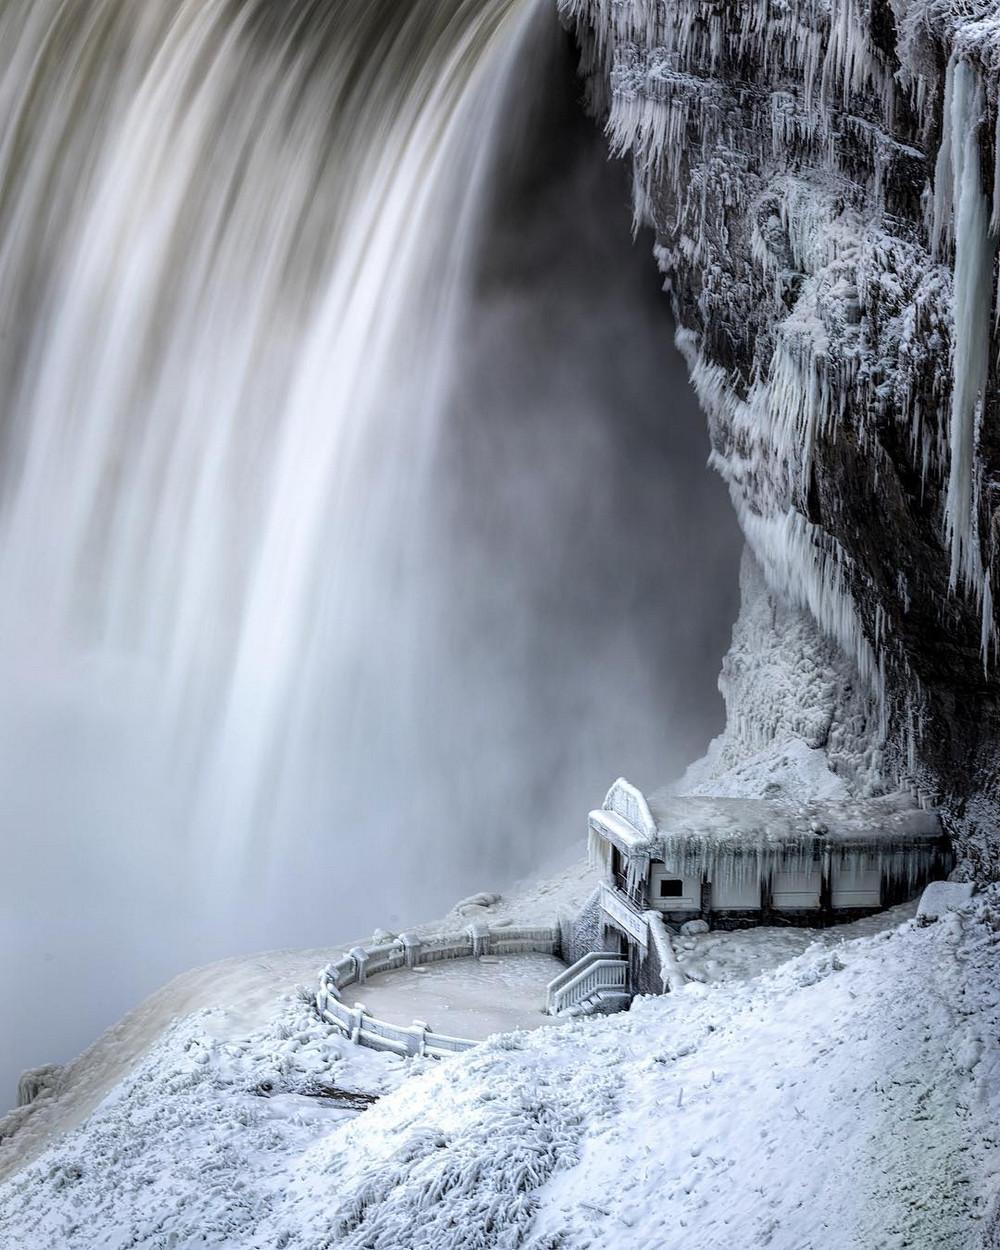 zamerzshiy Niagarskiy vodopad 7 loverme